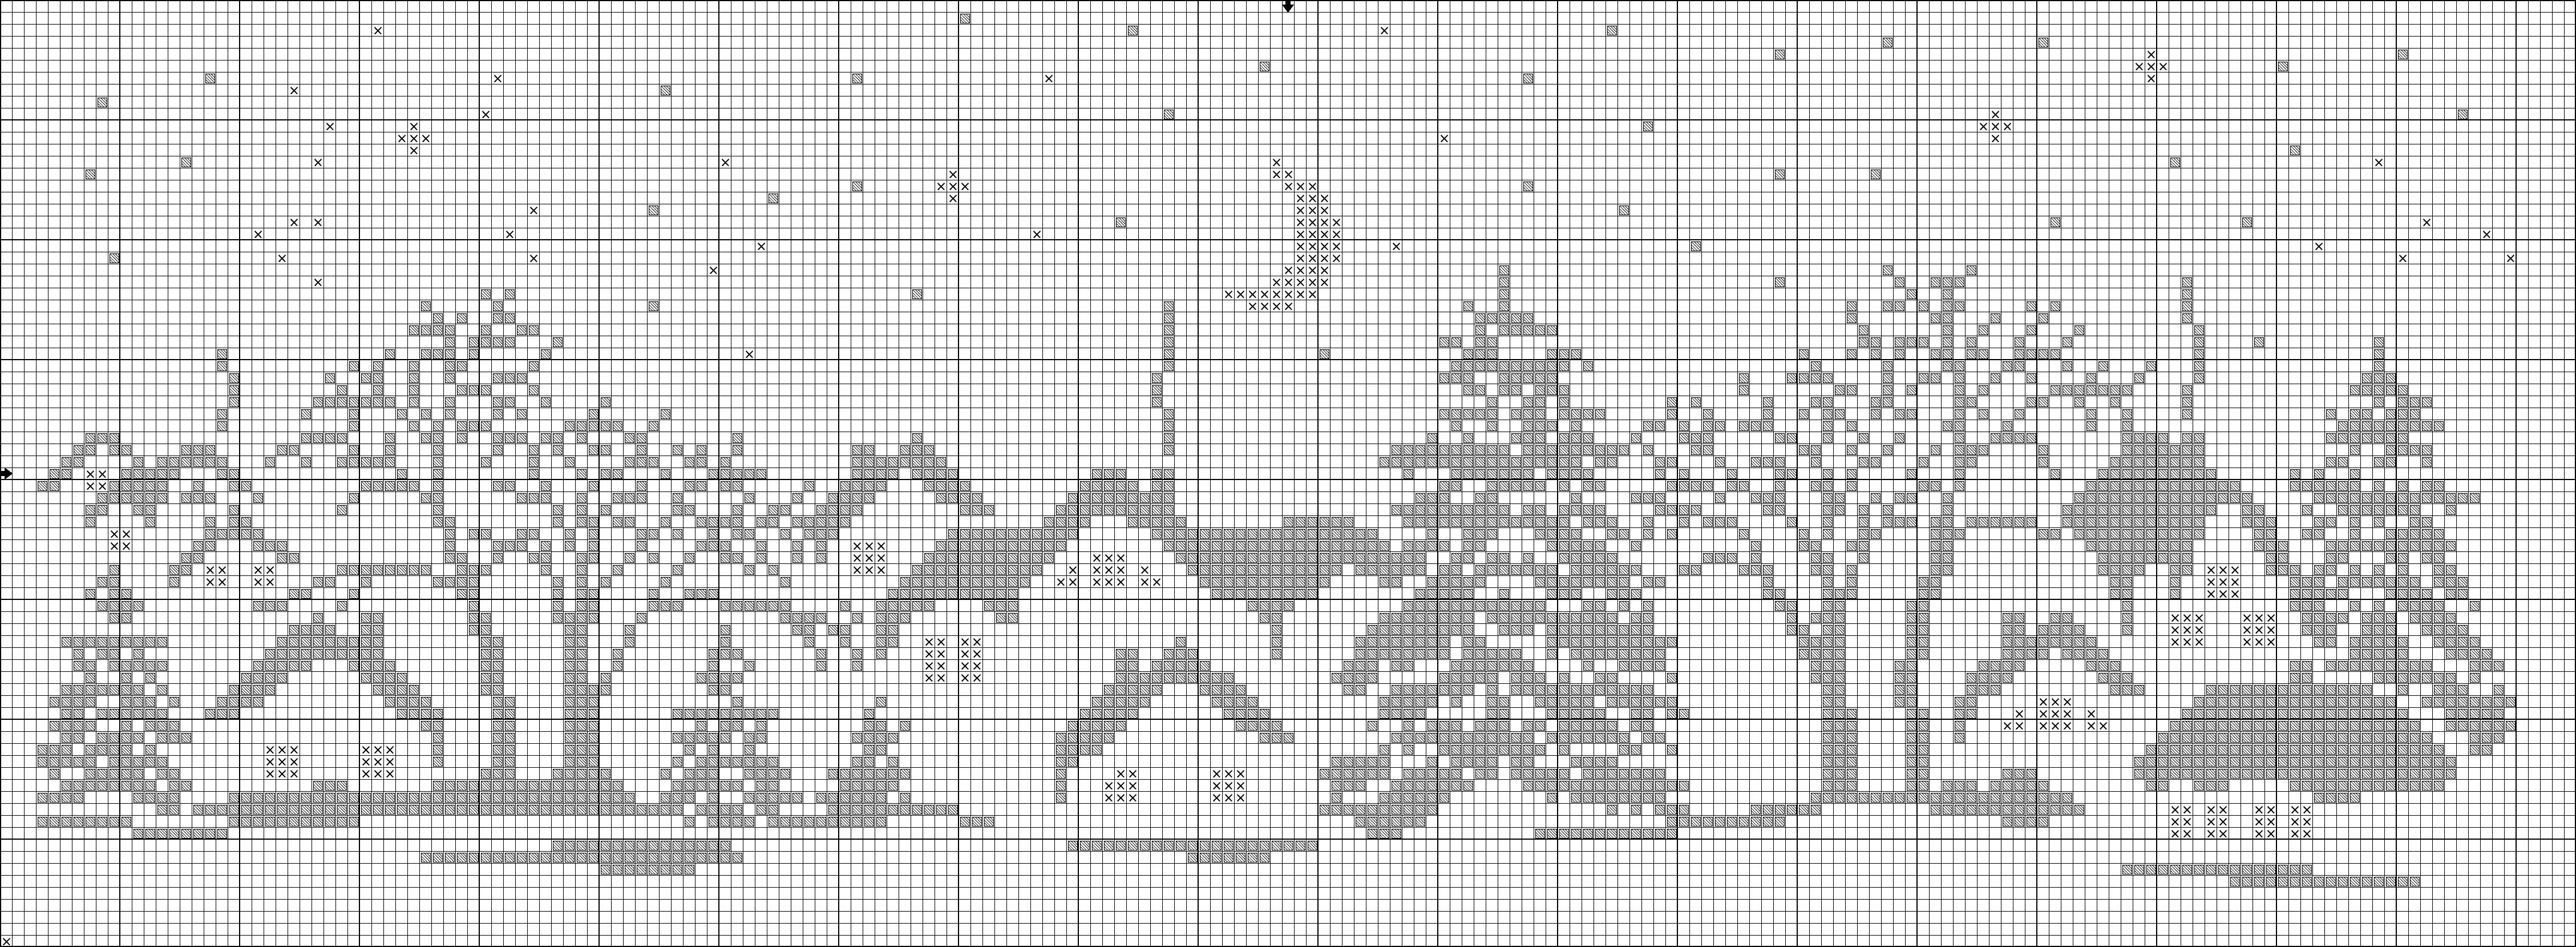 Пейзаж схема для вязания спицами